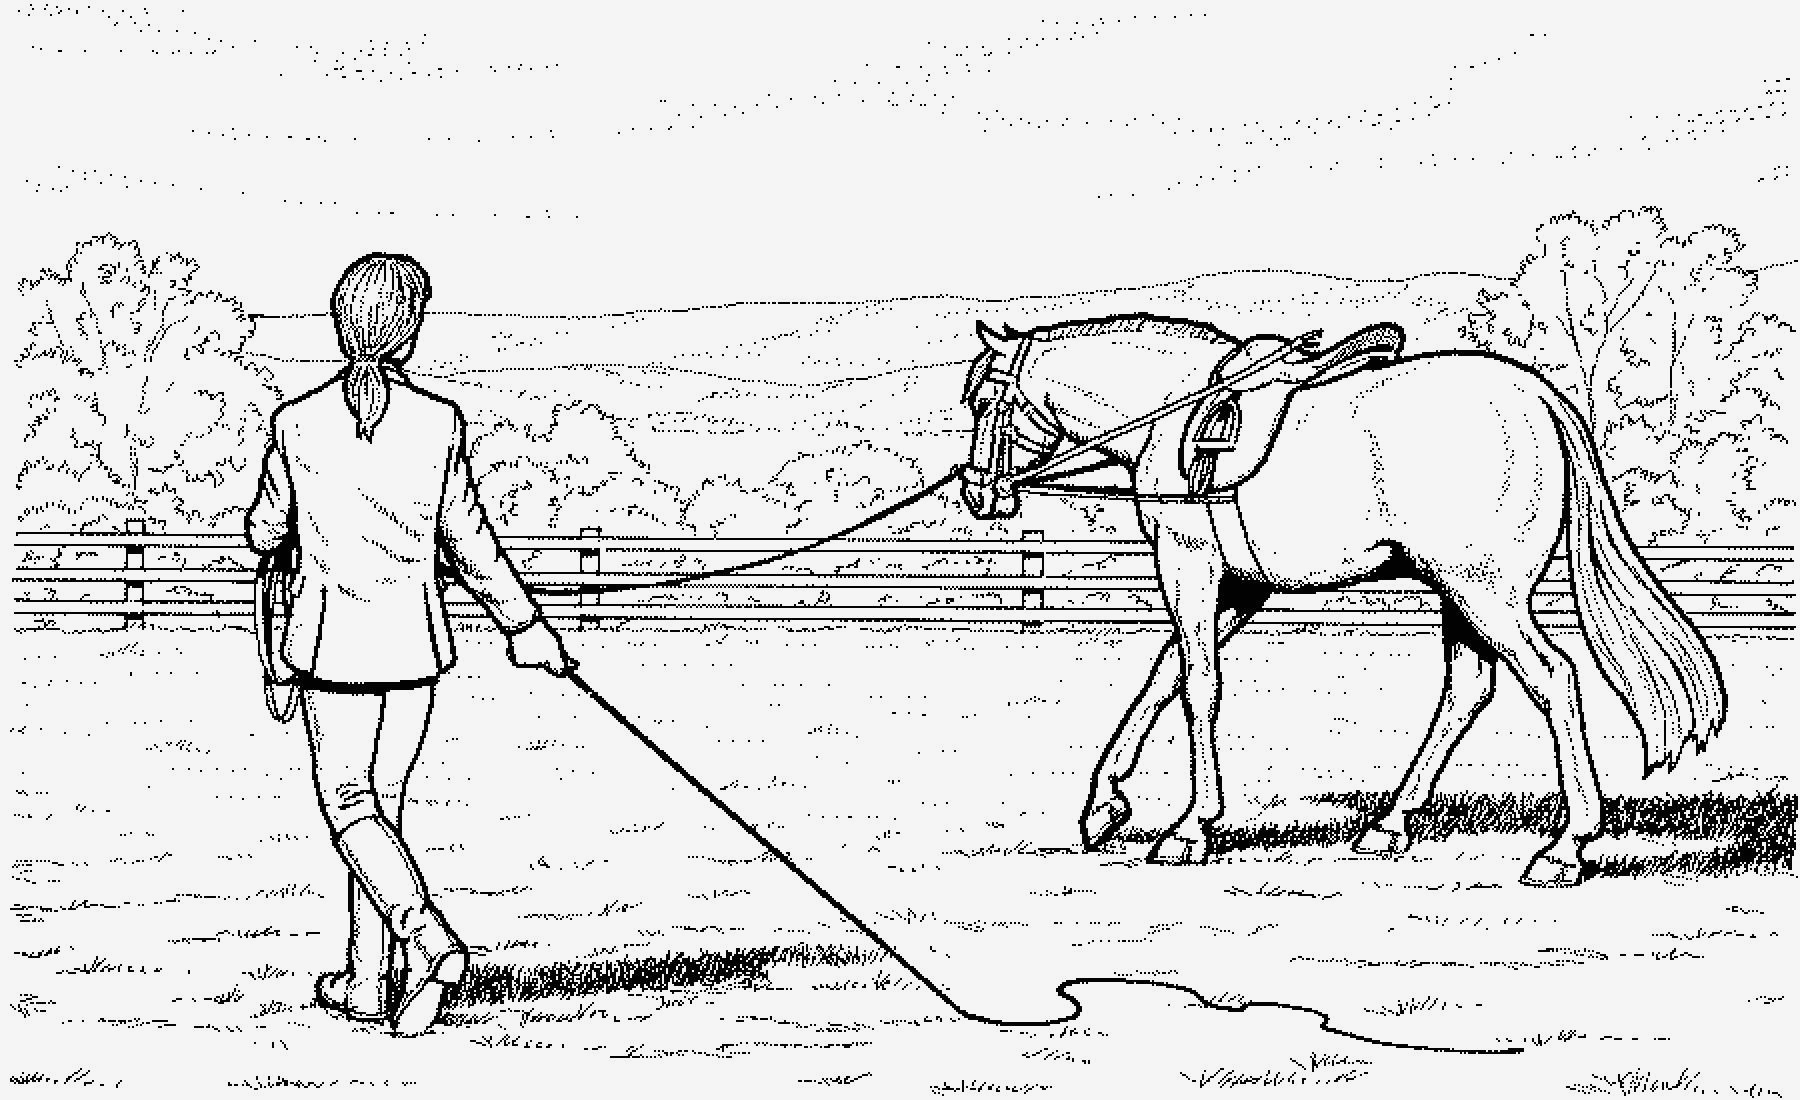 Ausmalbilder Pferde Mit Reiterin Einzigartig Tinkerbell Ausmalbilder Spannende Coloring Bilder Ausmalbilder Sammlung